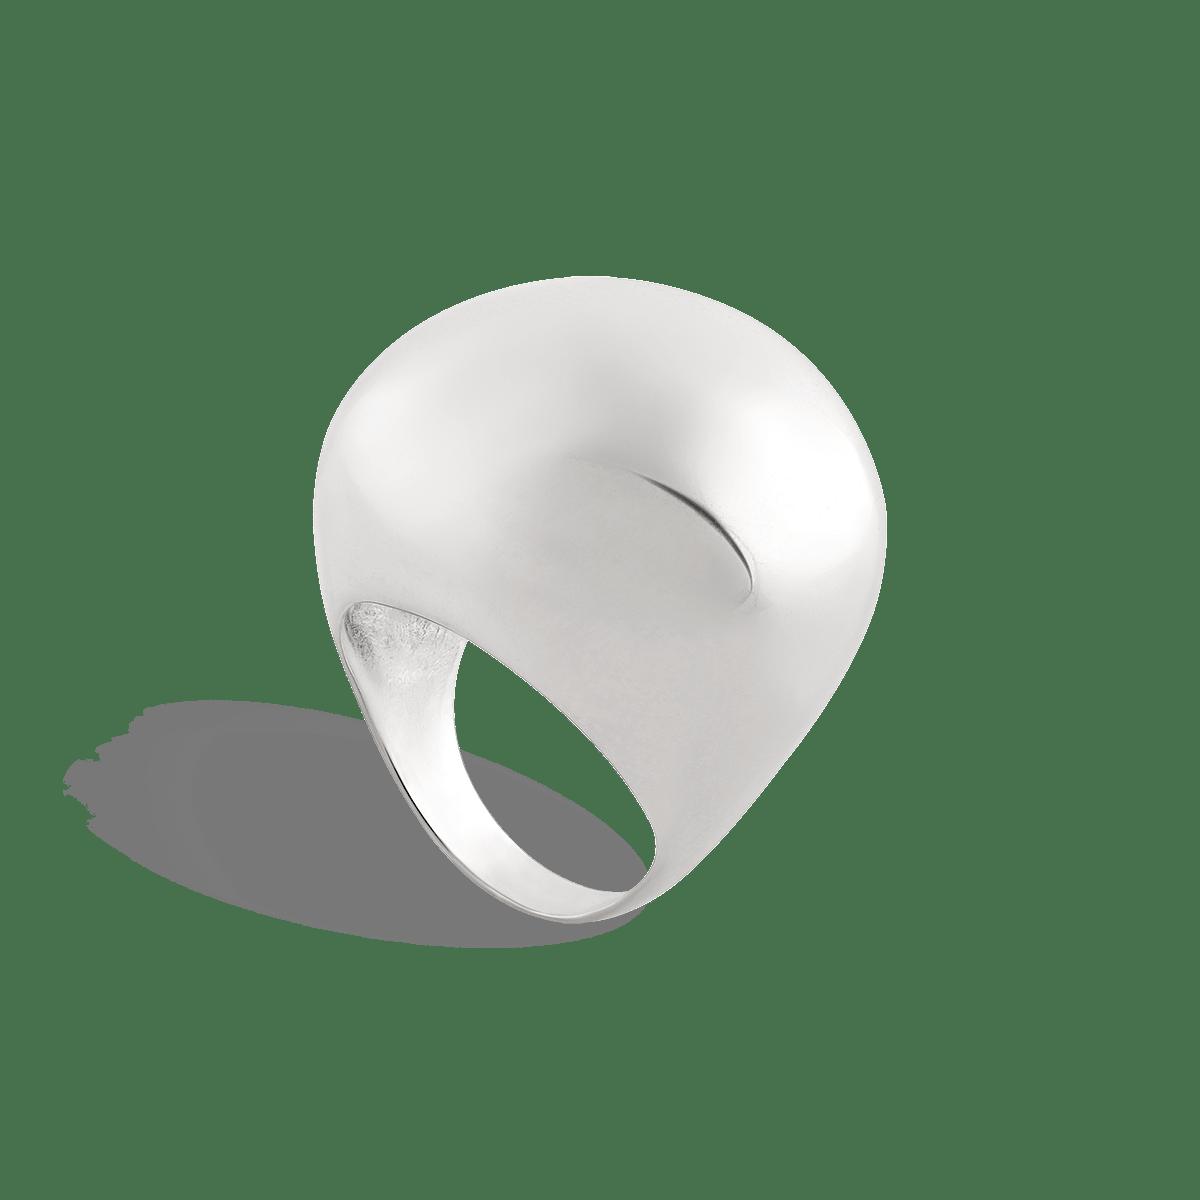 انگشتر نقره نارسیسیس Narcissus